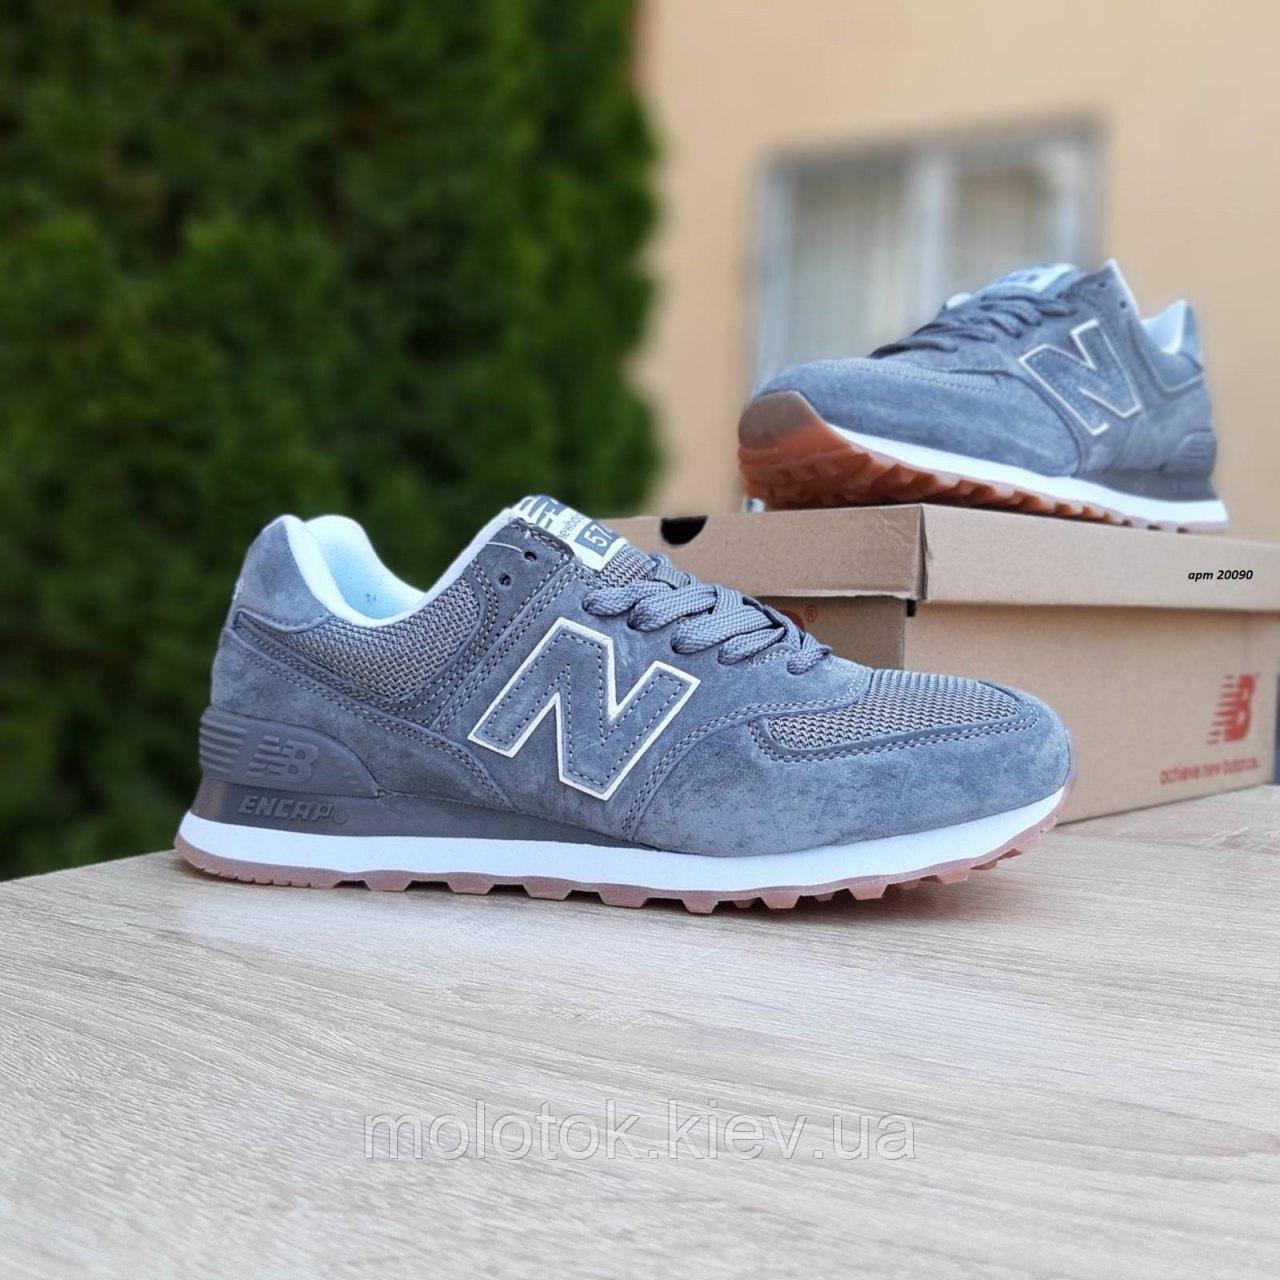 Жіночі кросівки в стилі New Balance 574 сірі